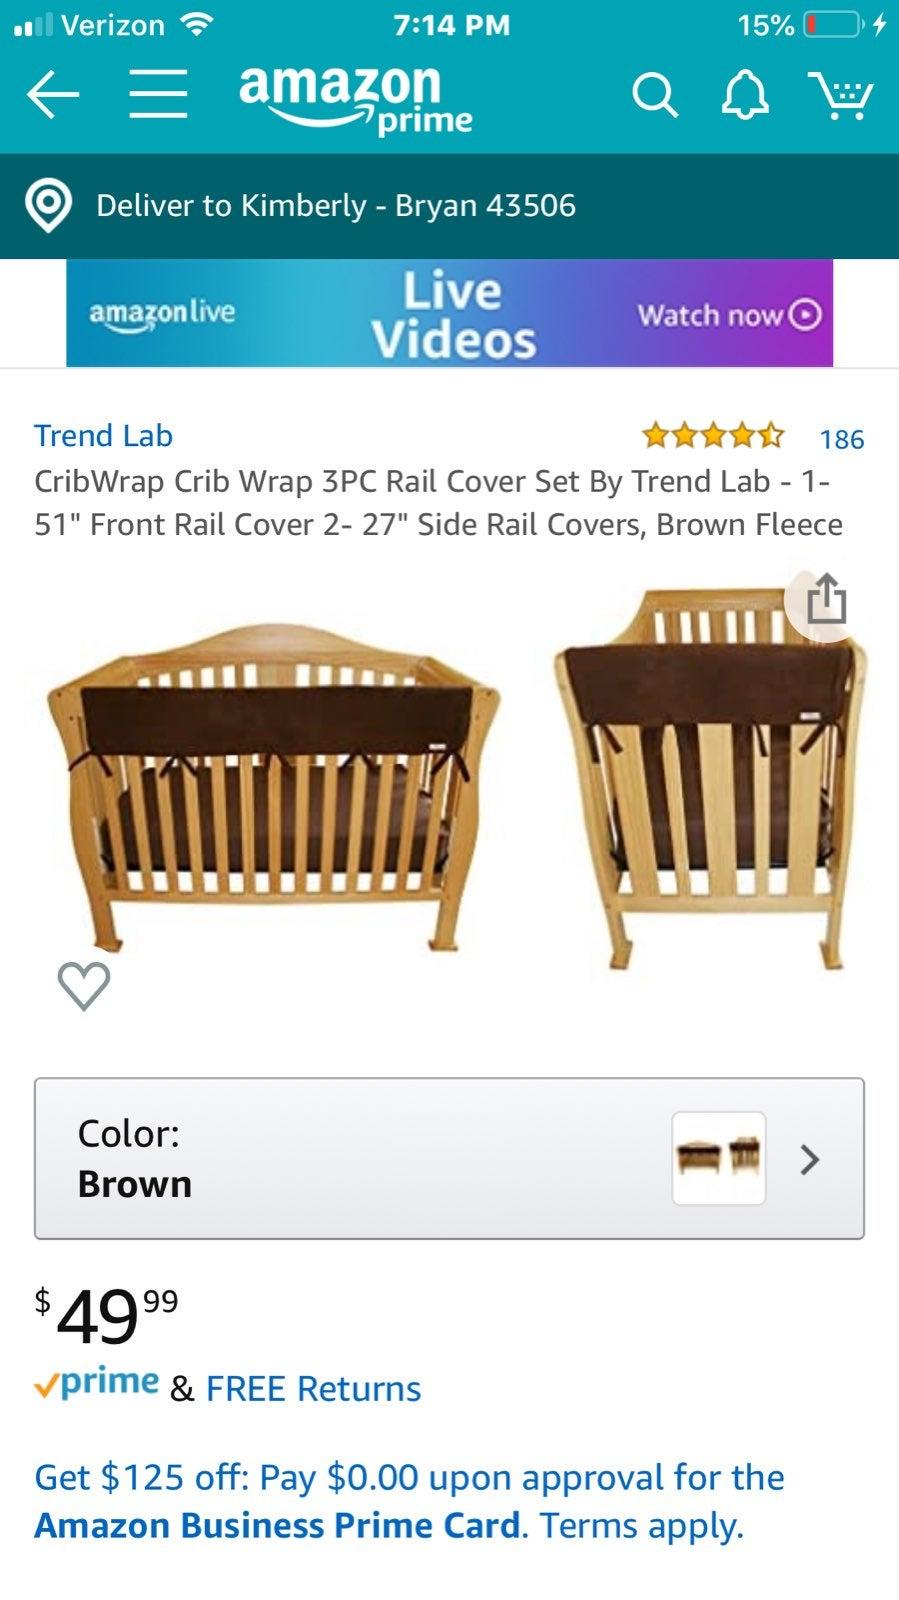 CribWrap Crib Wrap 3PC Rail Cover Set